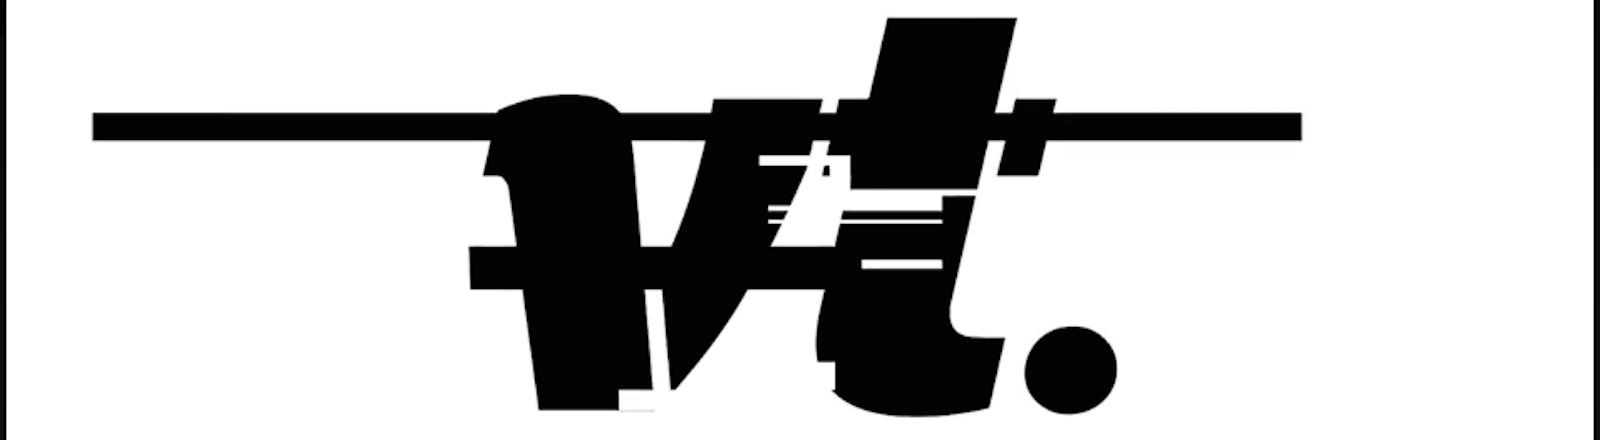 バイラルは、もはや「時代遅れ」:ソーシャルチャンネル「バイラル・スレッド」が「VT」に改名